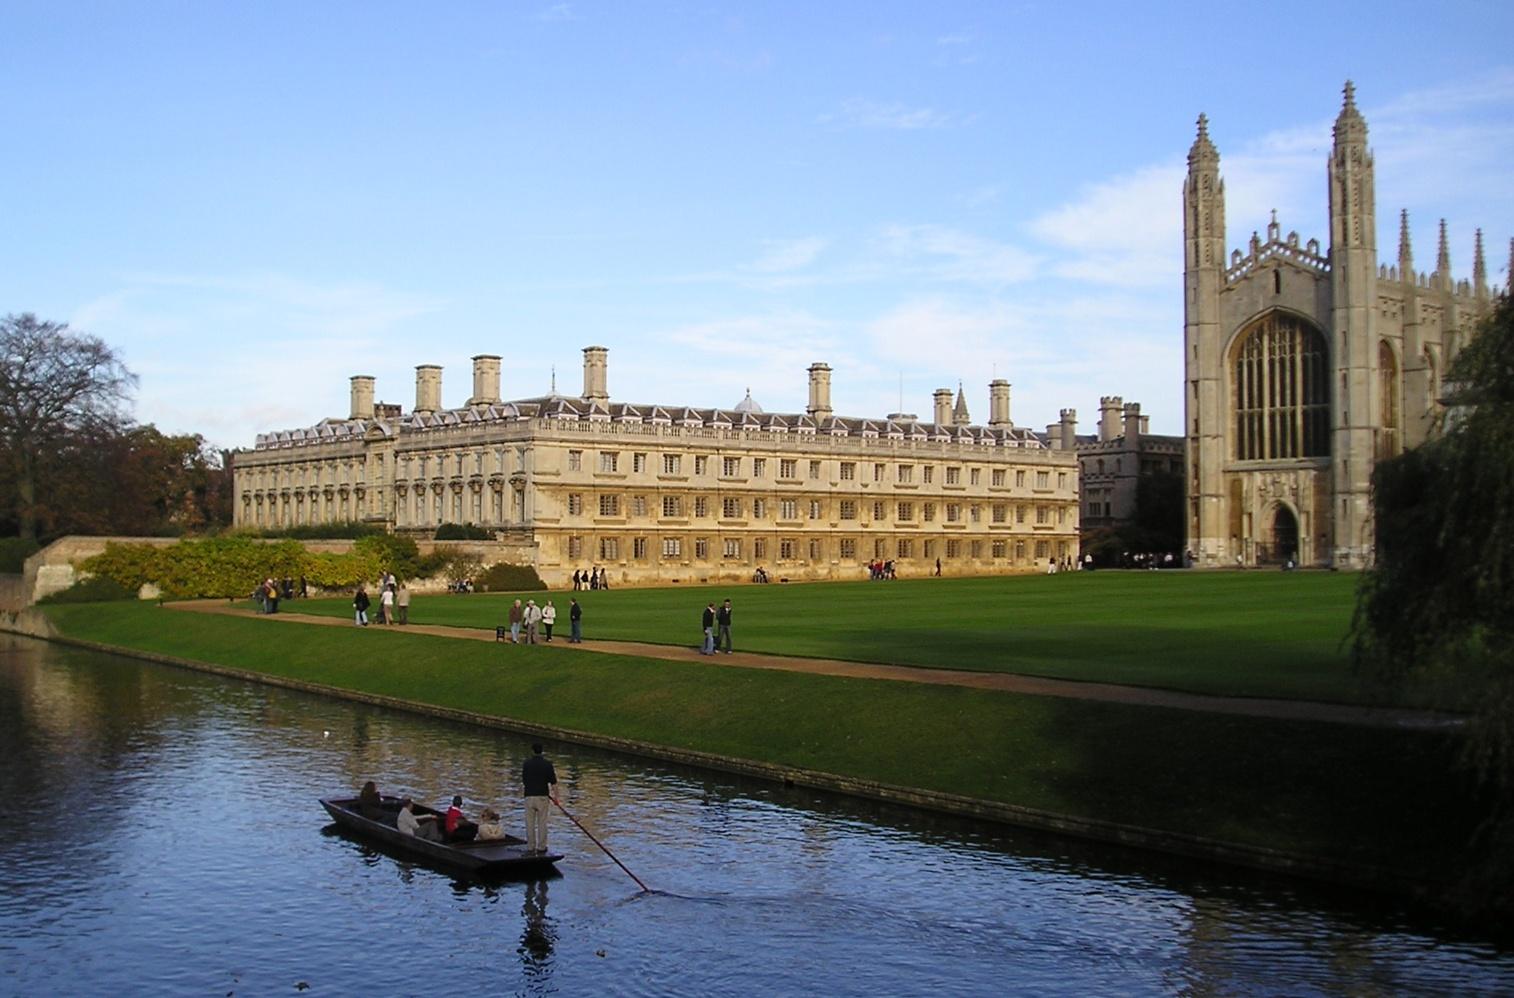 Συνέδριο για την «Σύγχρονη Ελλάδα» διοργανώνει το Cambridge